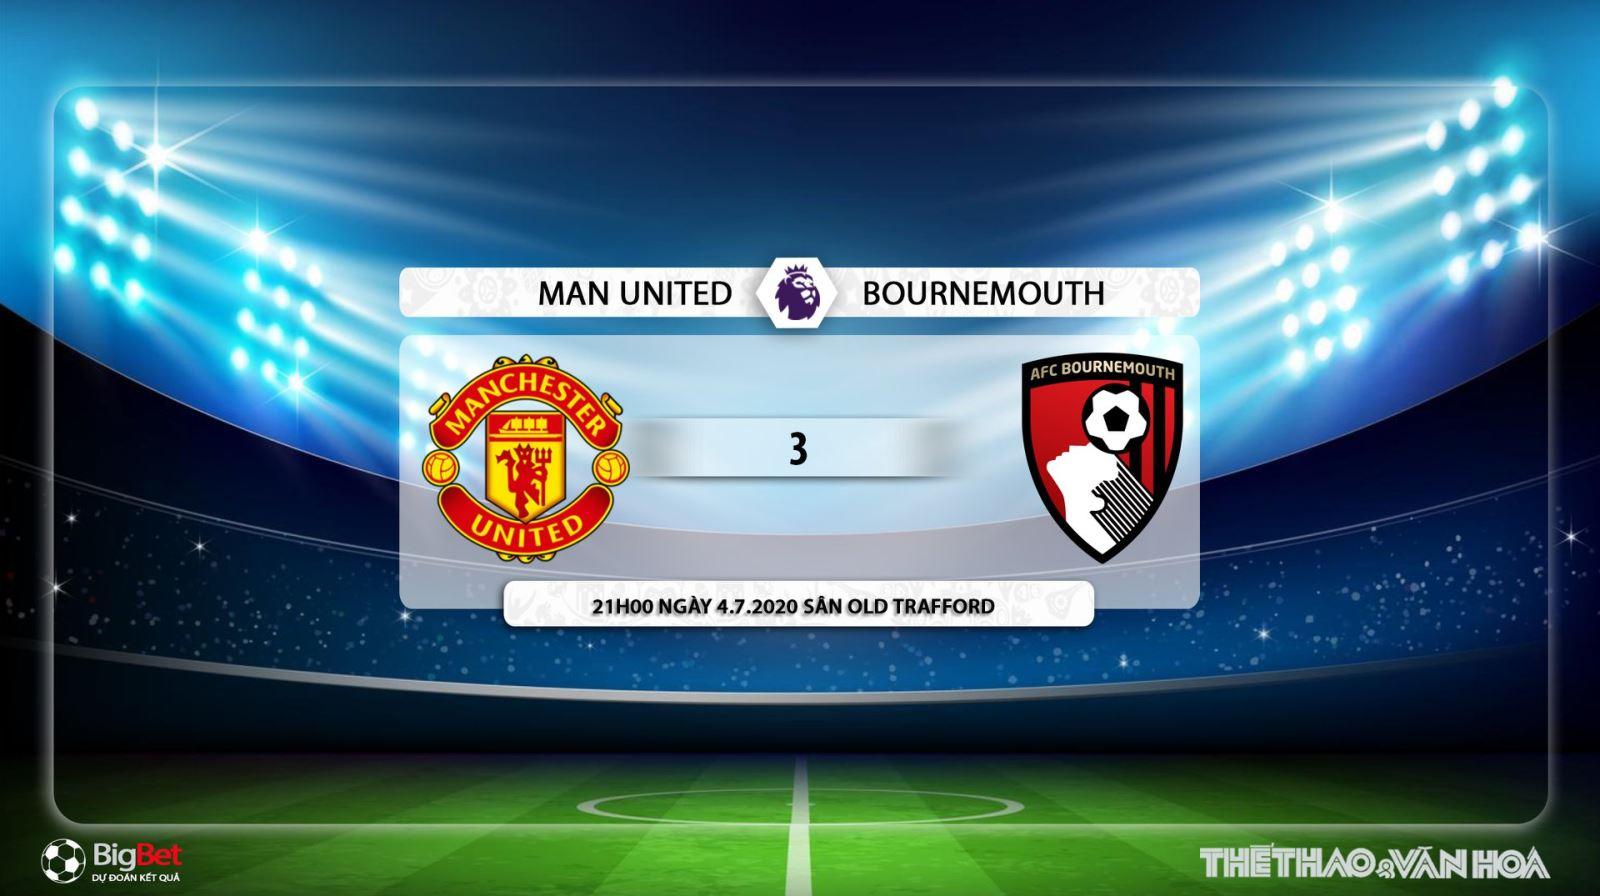 MU vs Bournemouth, manchester united, Bournemouth, trực tiếp bóng đá MU vs Bournemouth, soi kèo, kèo bóng đá, bóng đá hôm nay